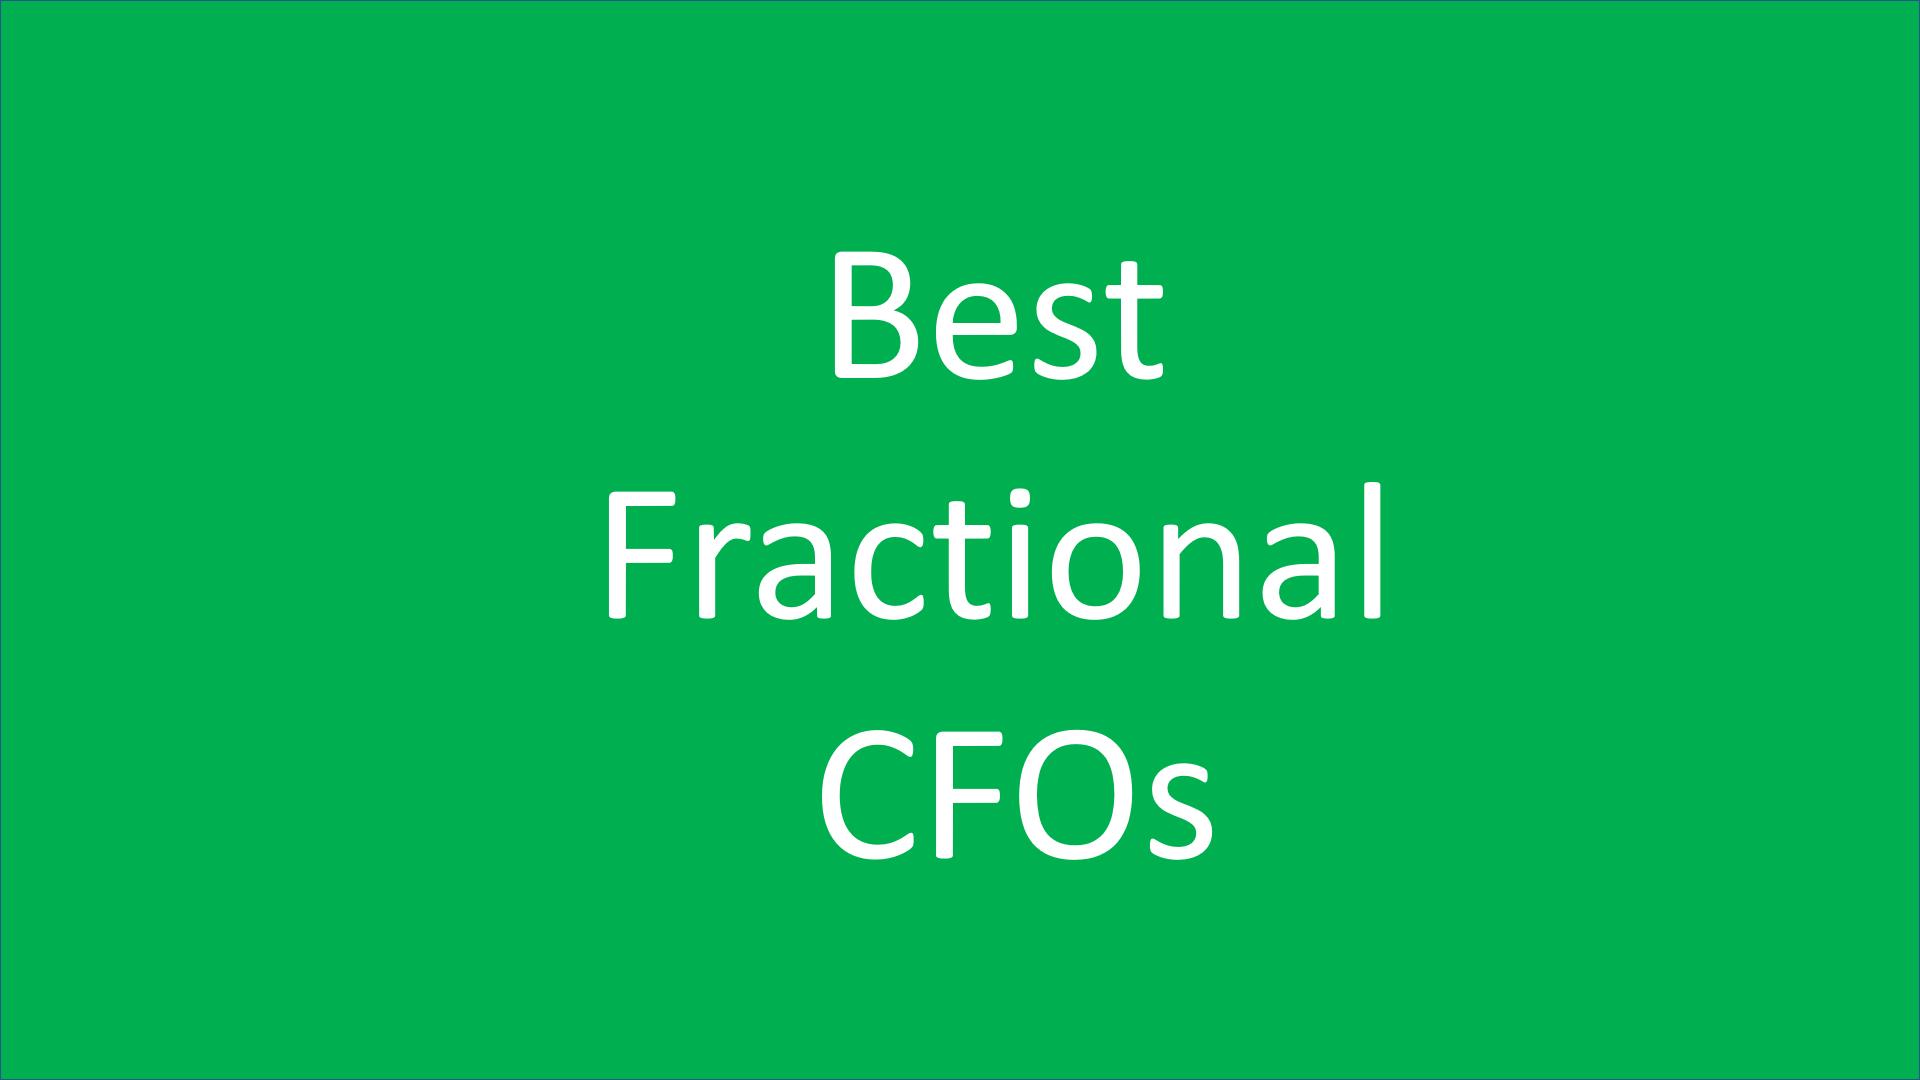 Best Fractional CFO